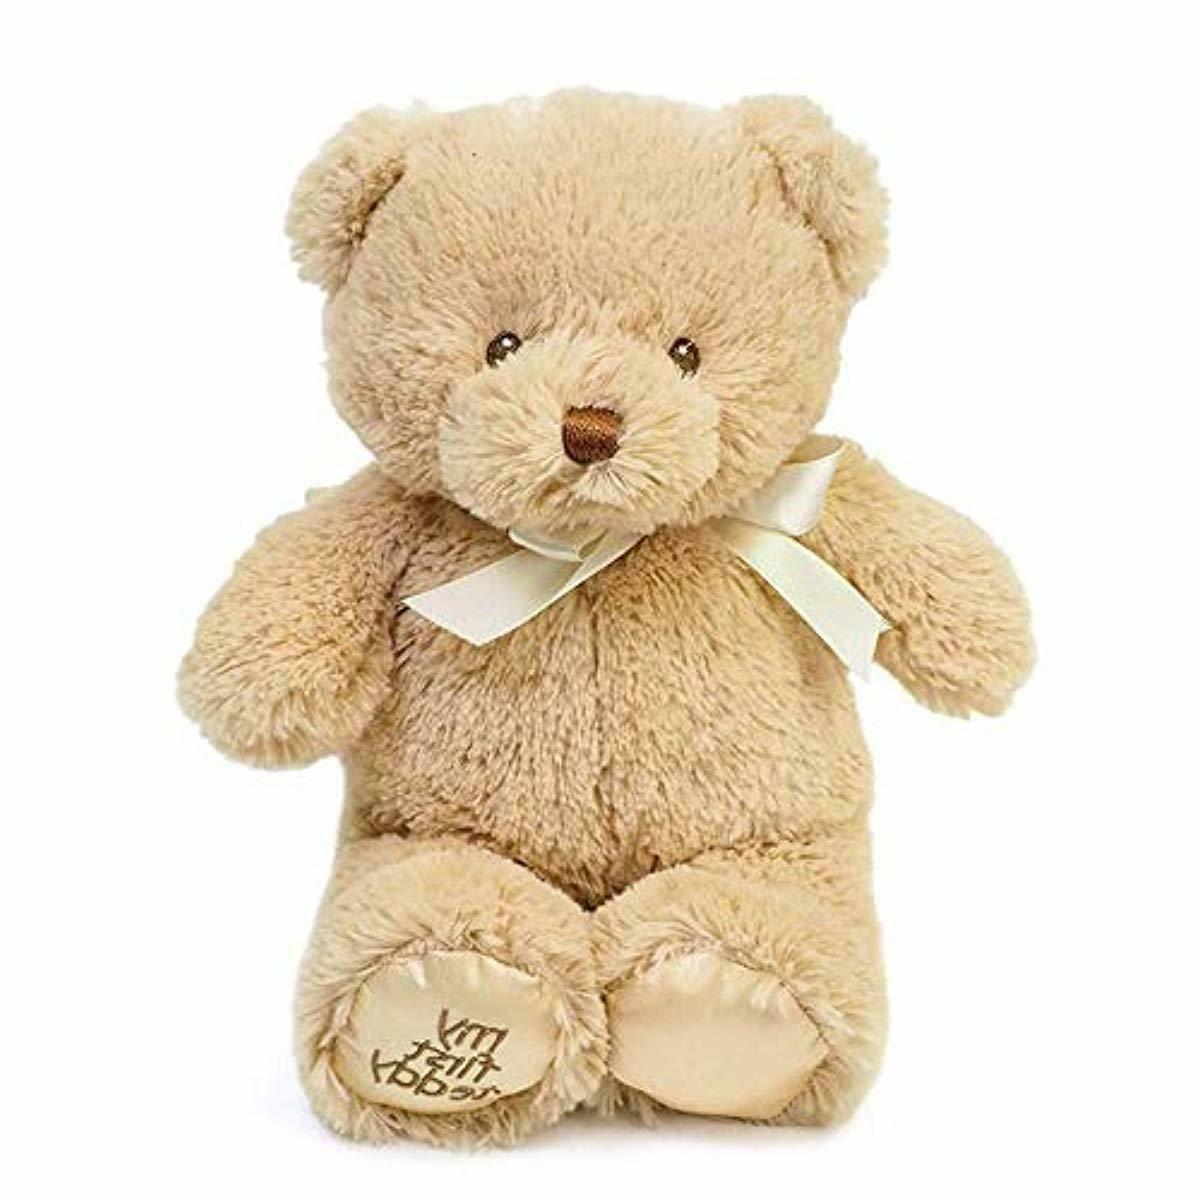 Baby My Teddy Plush, Tan